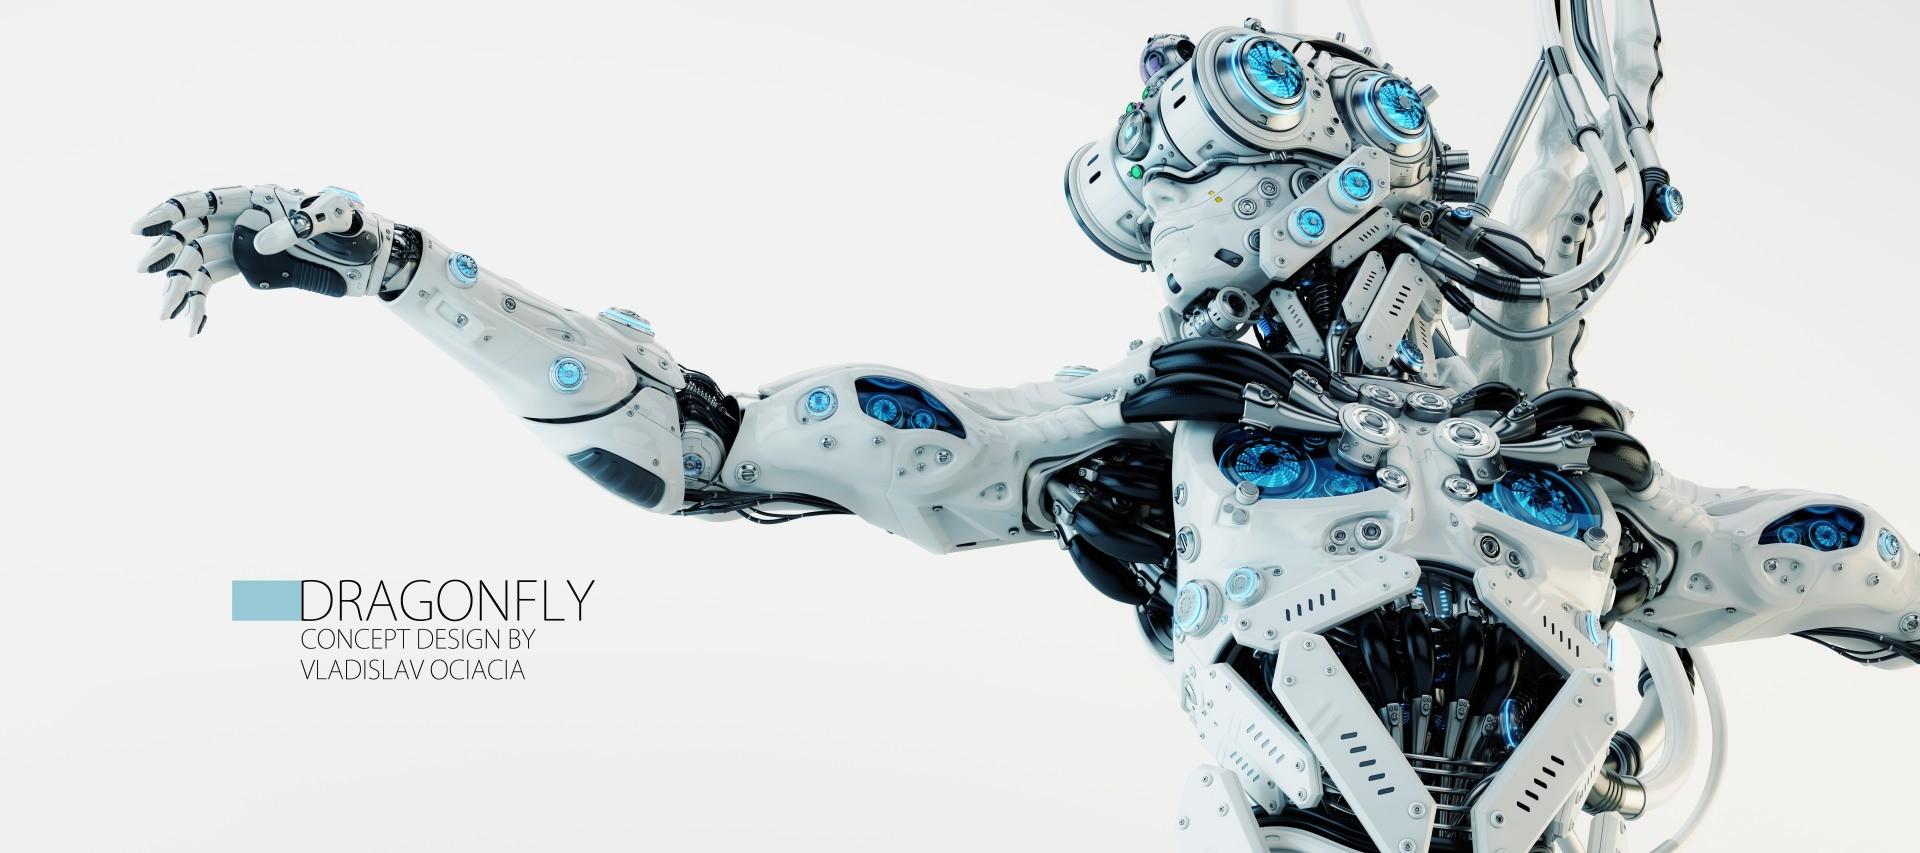 Vladislav ociacia robot dragonfly 15